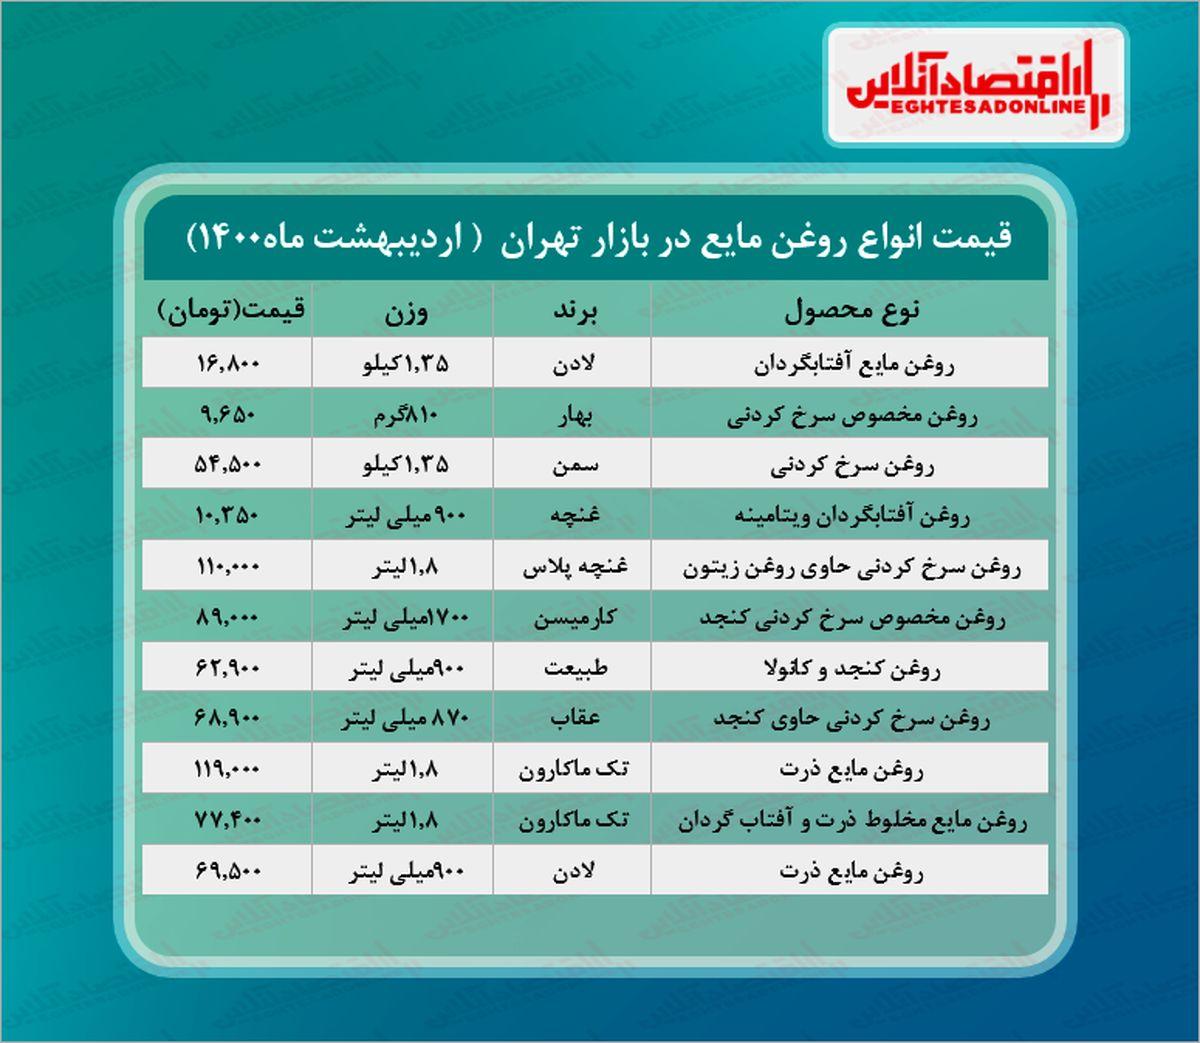 قیمت انواع روغن مایع در بازار (۱۴۰۰/۰۲/۲۷) + جدول